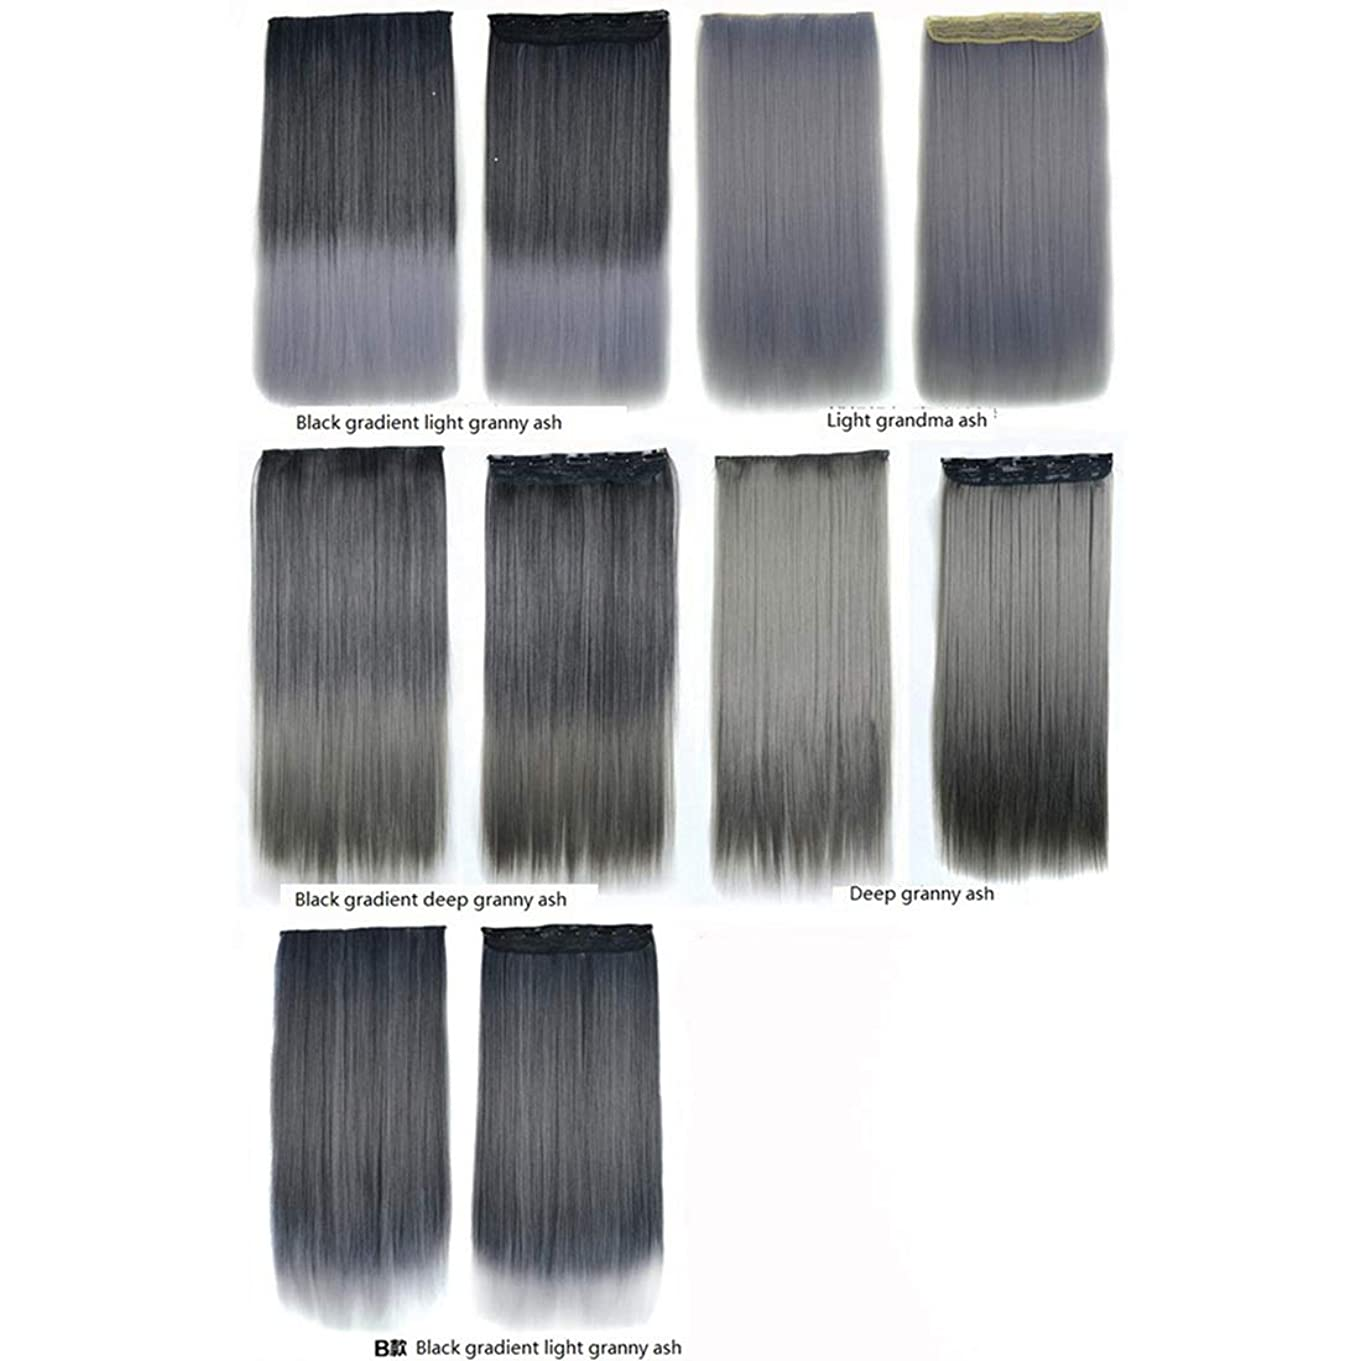 BOBIDYEE 60センチメートル人工毛エクステンション5クリップでヘアカラーグラデーションかつらワンピースロングストレートヘアピース複合ヘアレースかつらロールプレイングかつら (色 : Black gradient light granny ash)